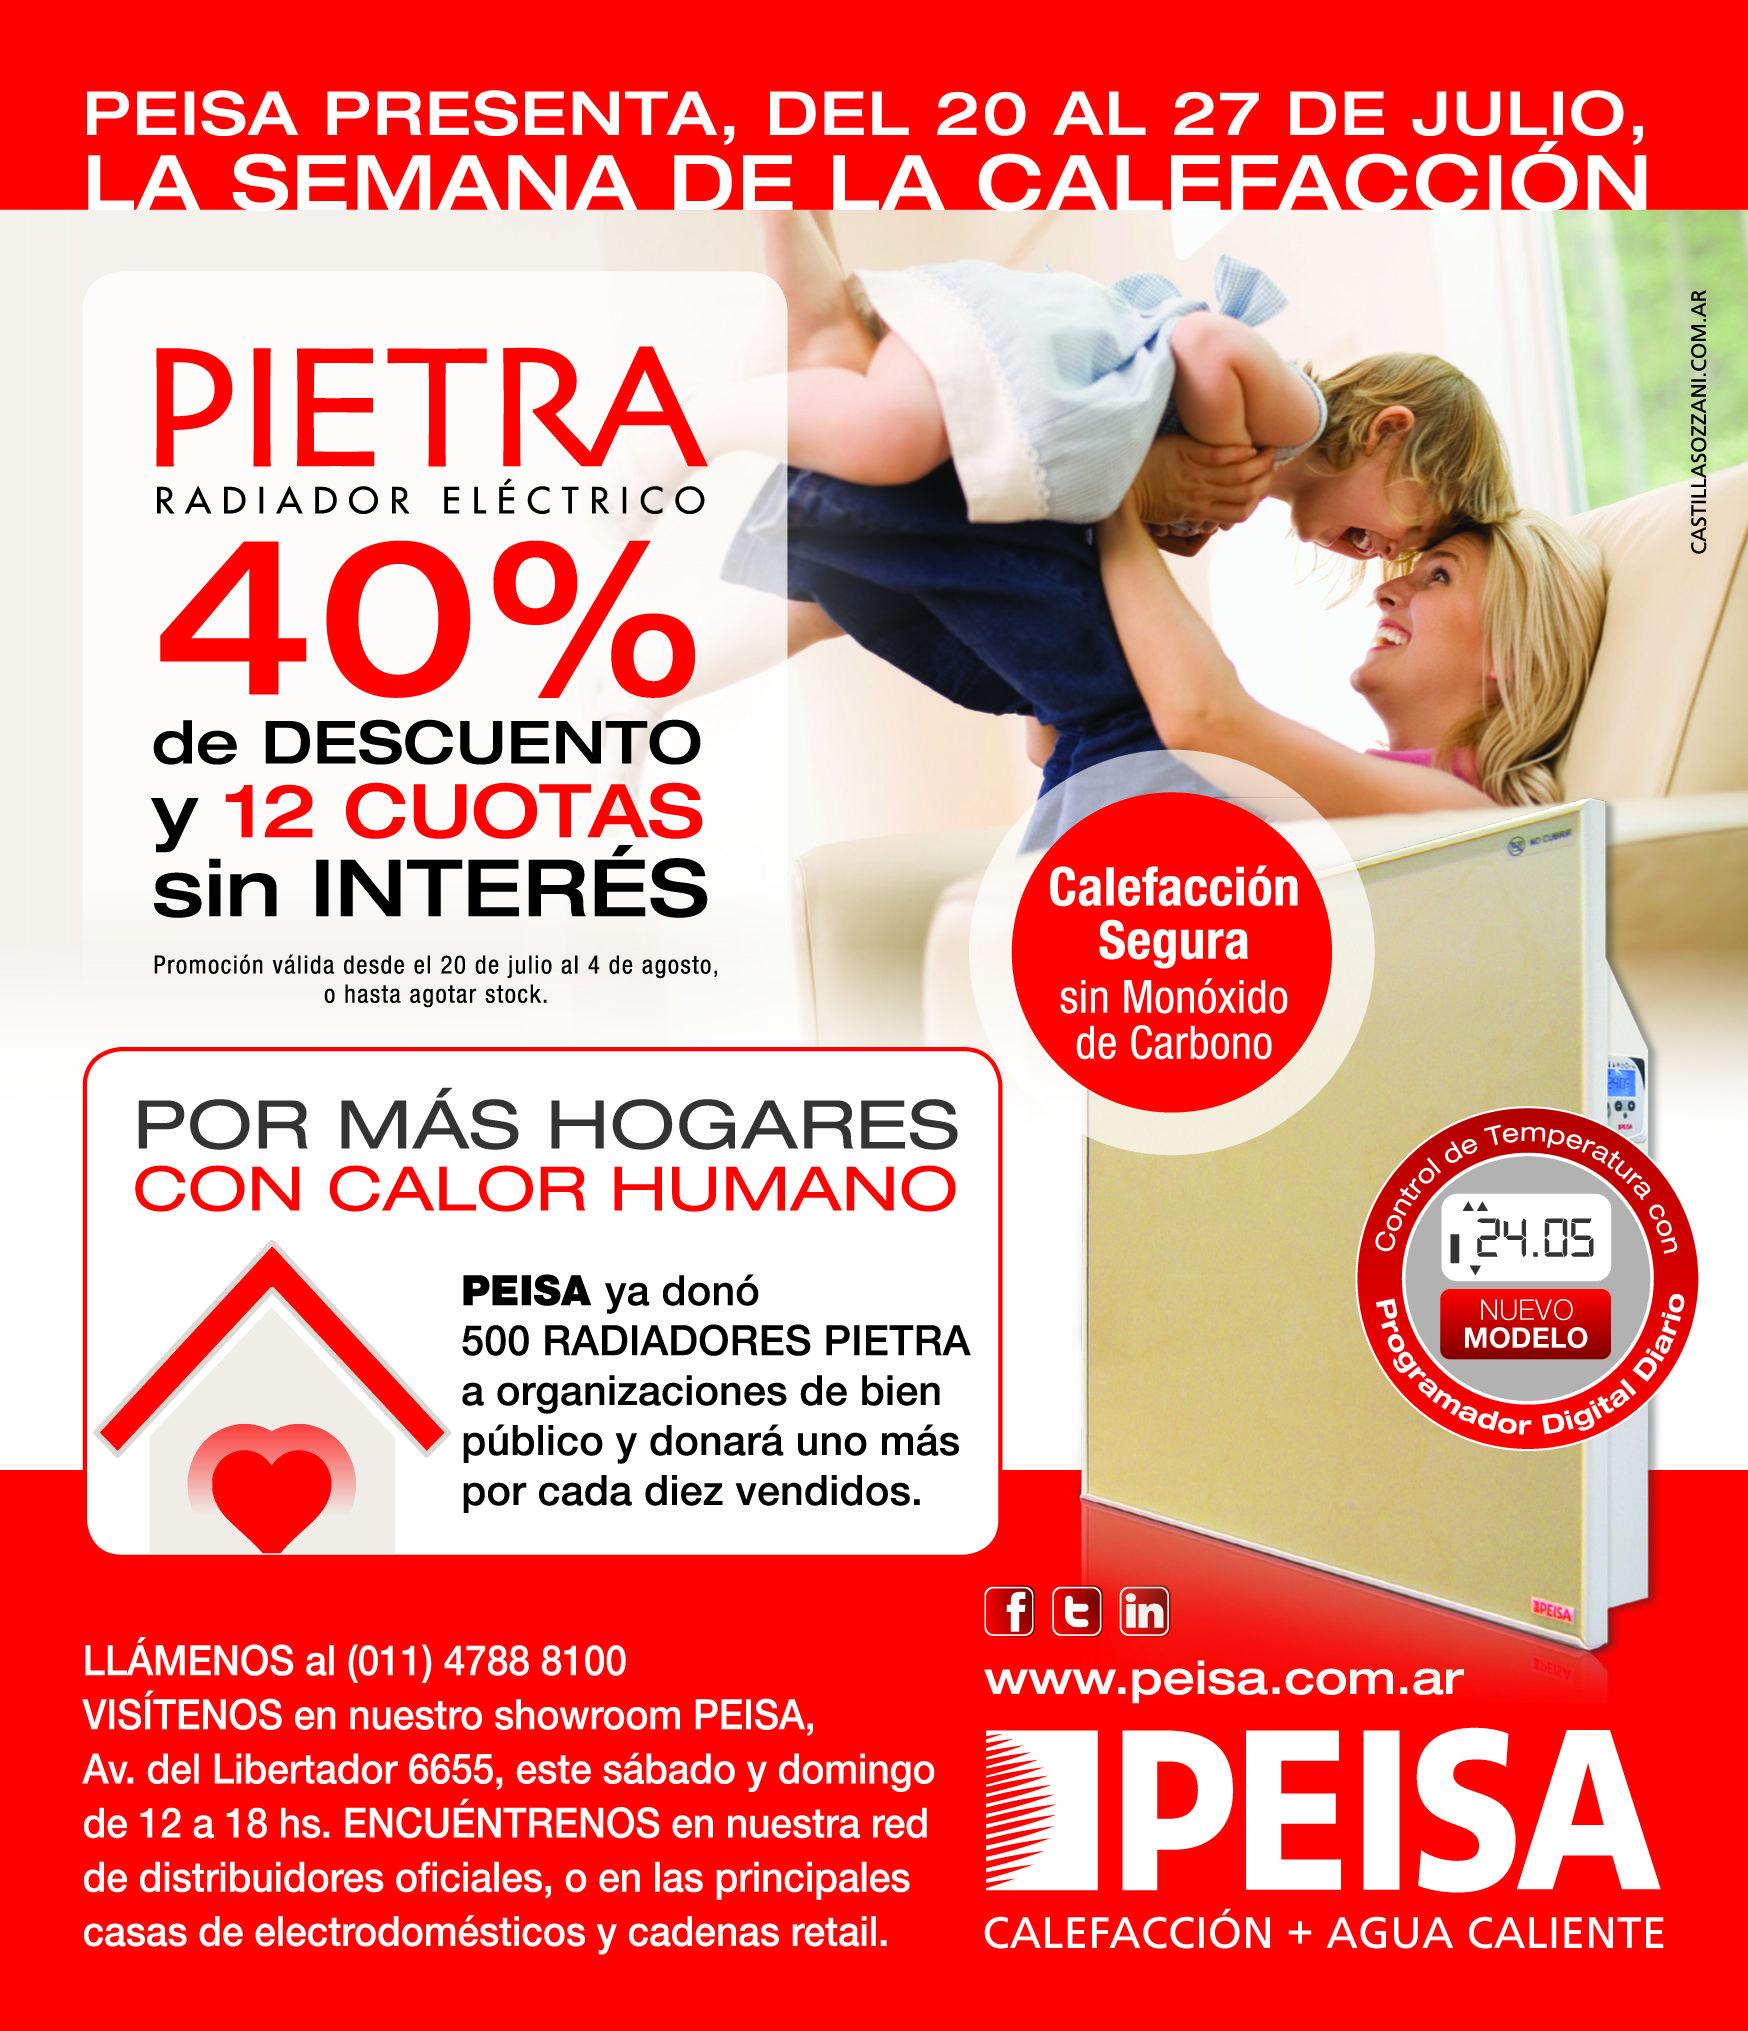 Oferta radiadores Pietra con un 40% de descuento. Adquieralos en Av. del Libertador 6655. Promocion válida hasta el 4 de agosto o hasta agotar stock.